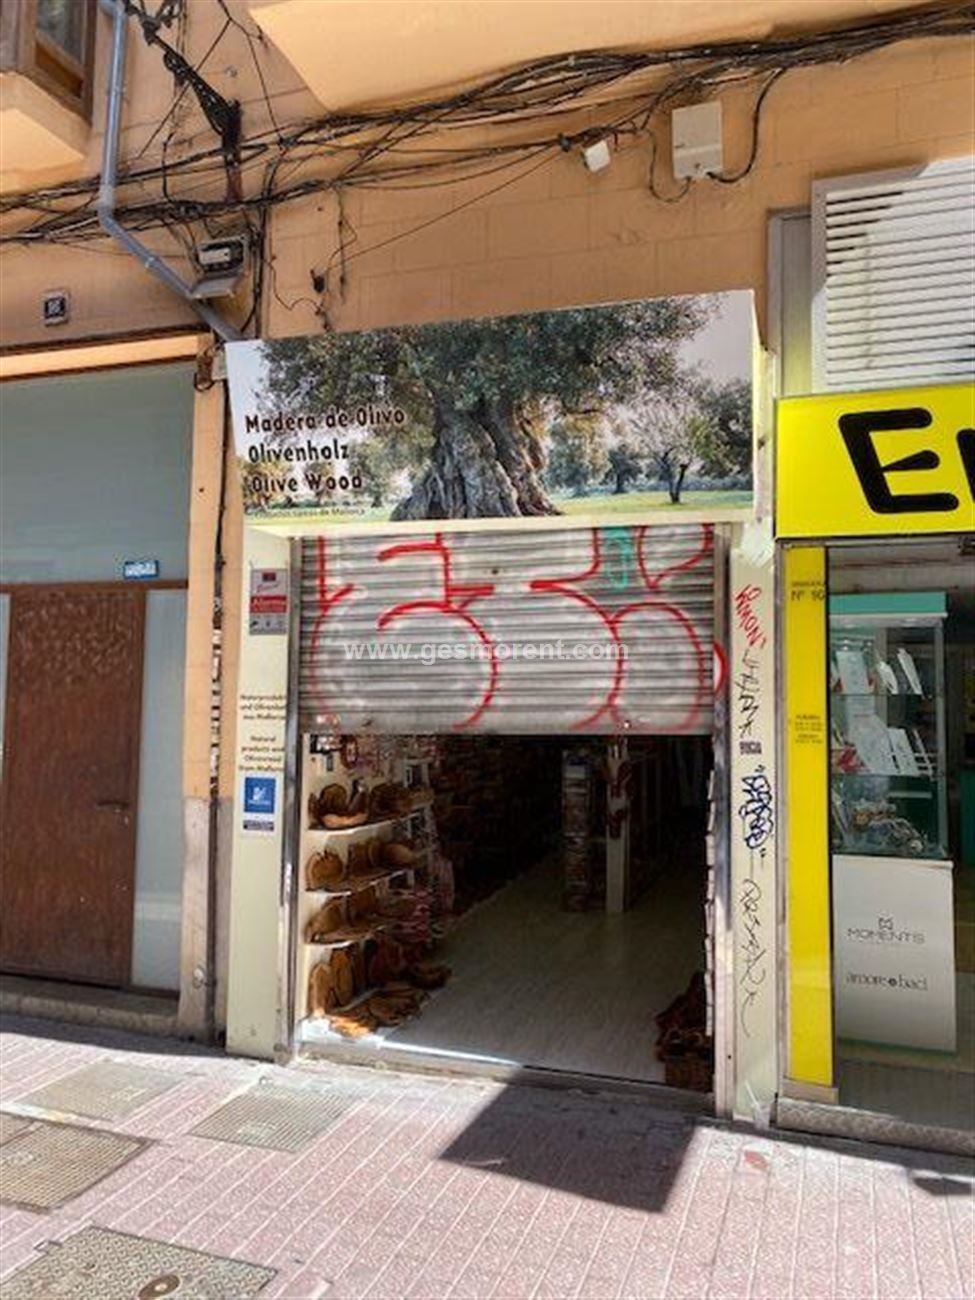 Traspaso Local Comercial  Palma de mallorca - centro. Se traspasa local comercial en sindicato